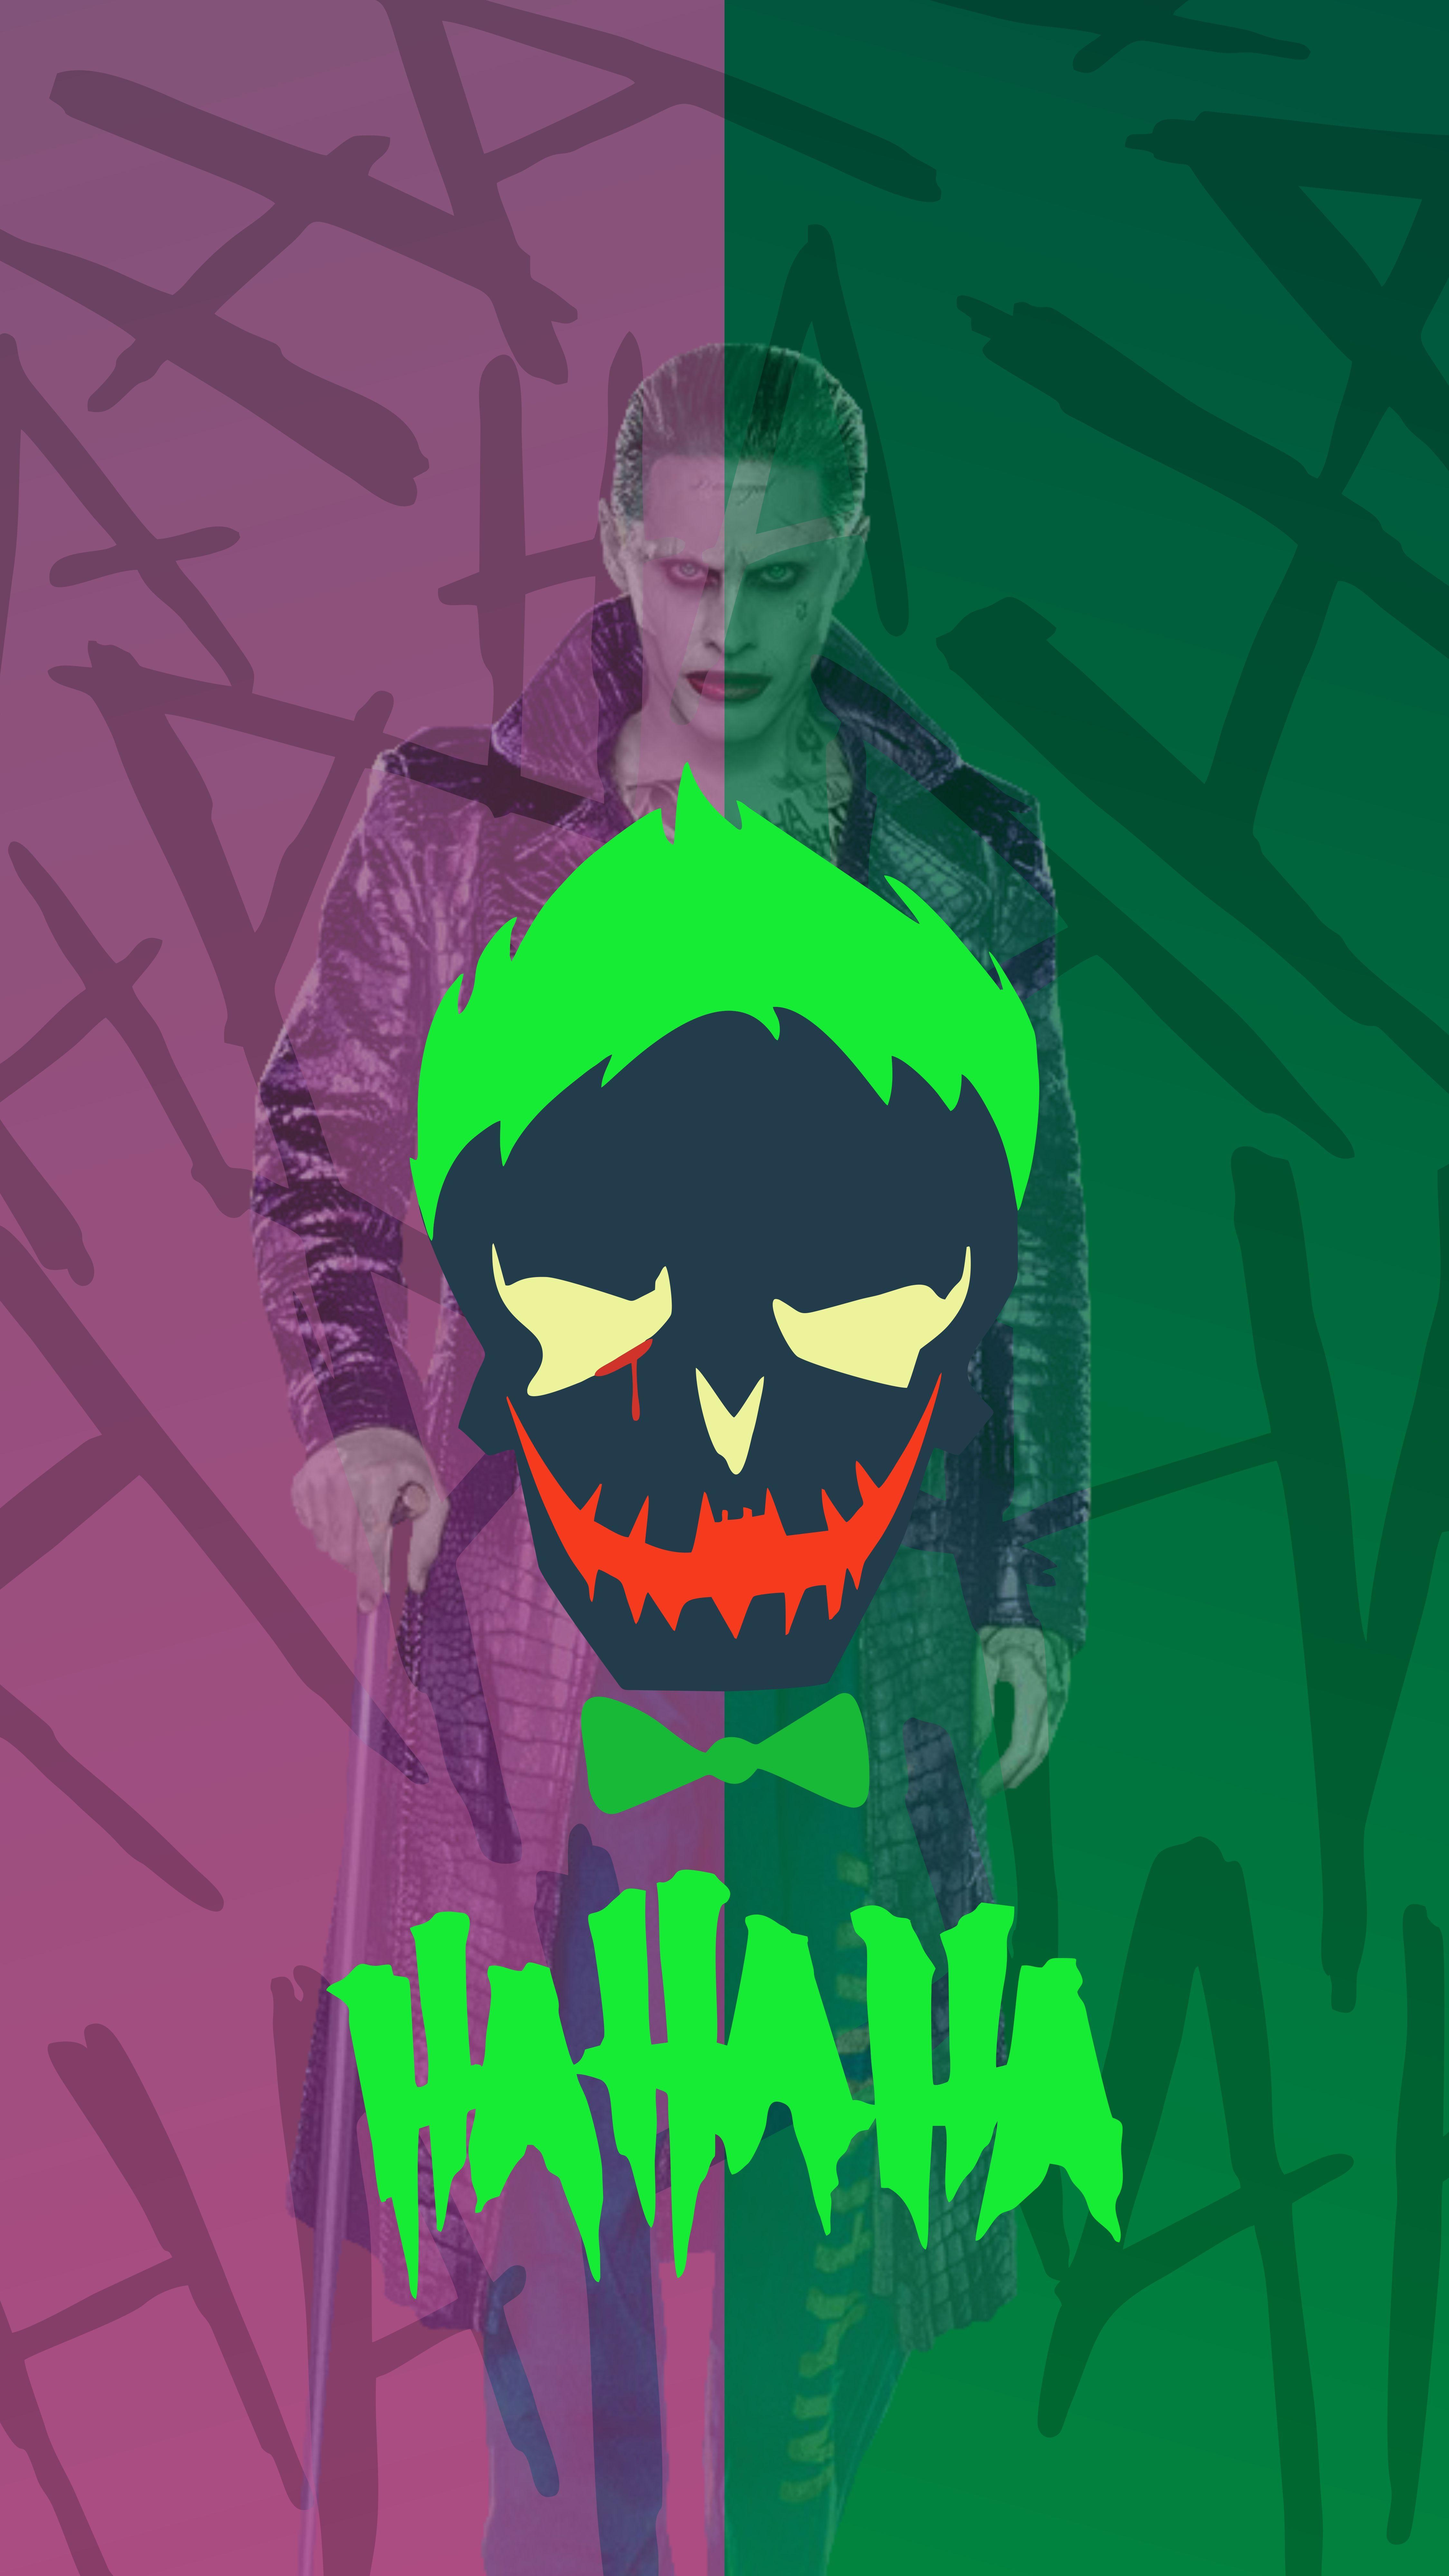 Android Iphone Hd Wallpaper Joker Dc Dceu Dccomics Joker